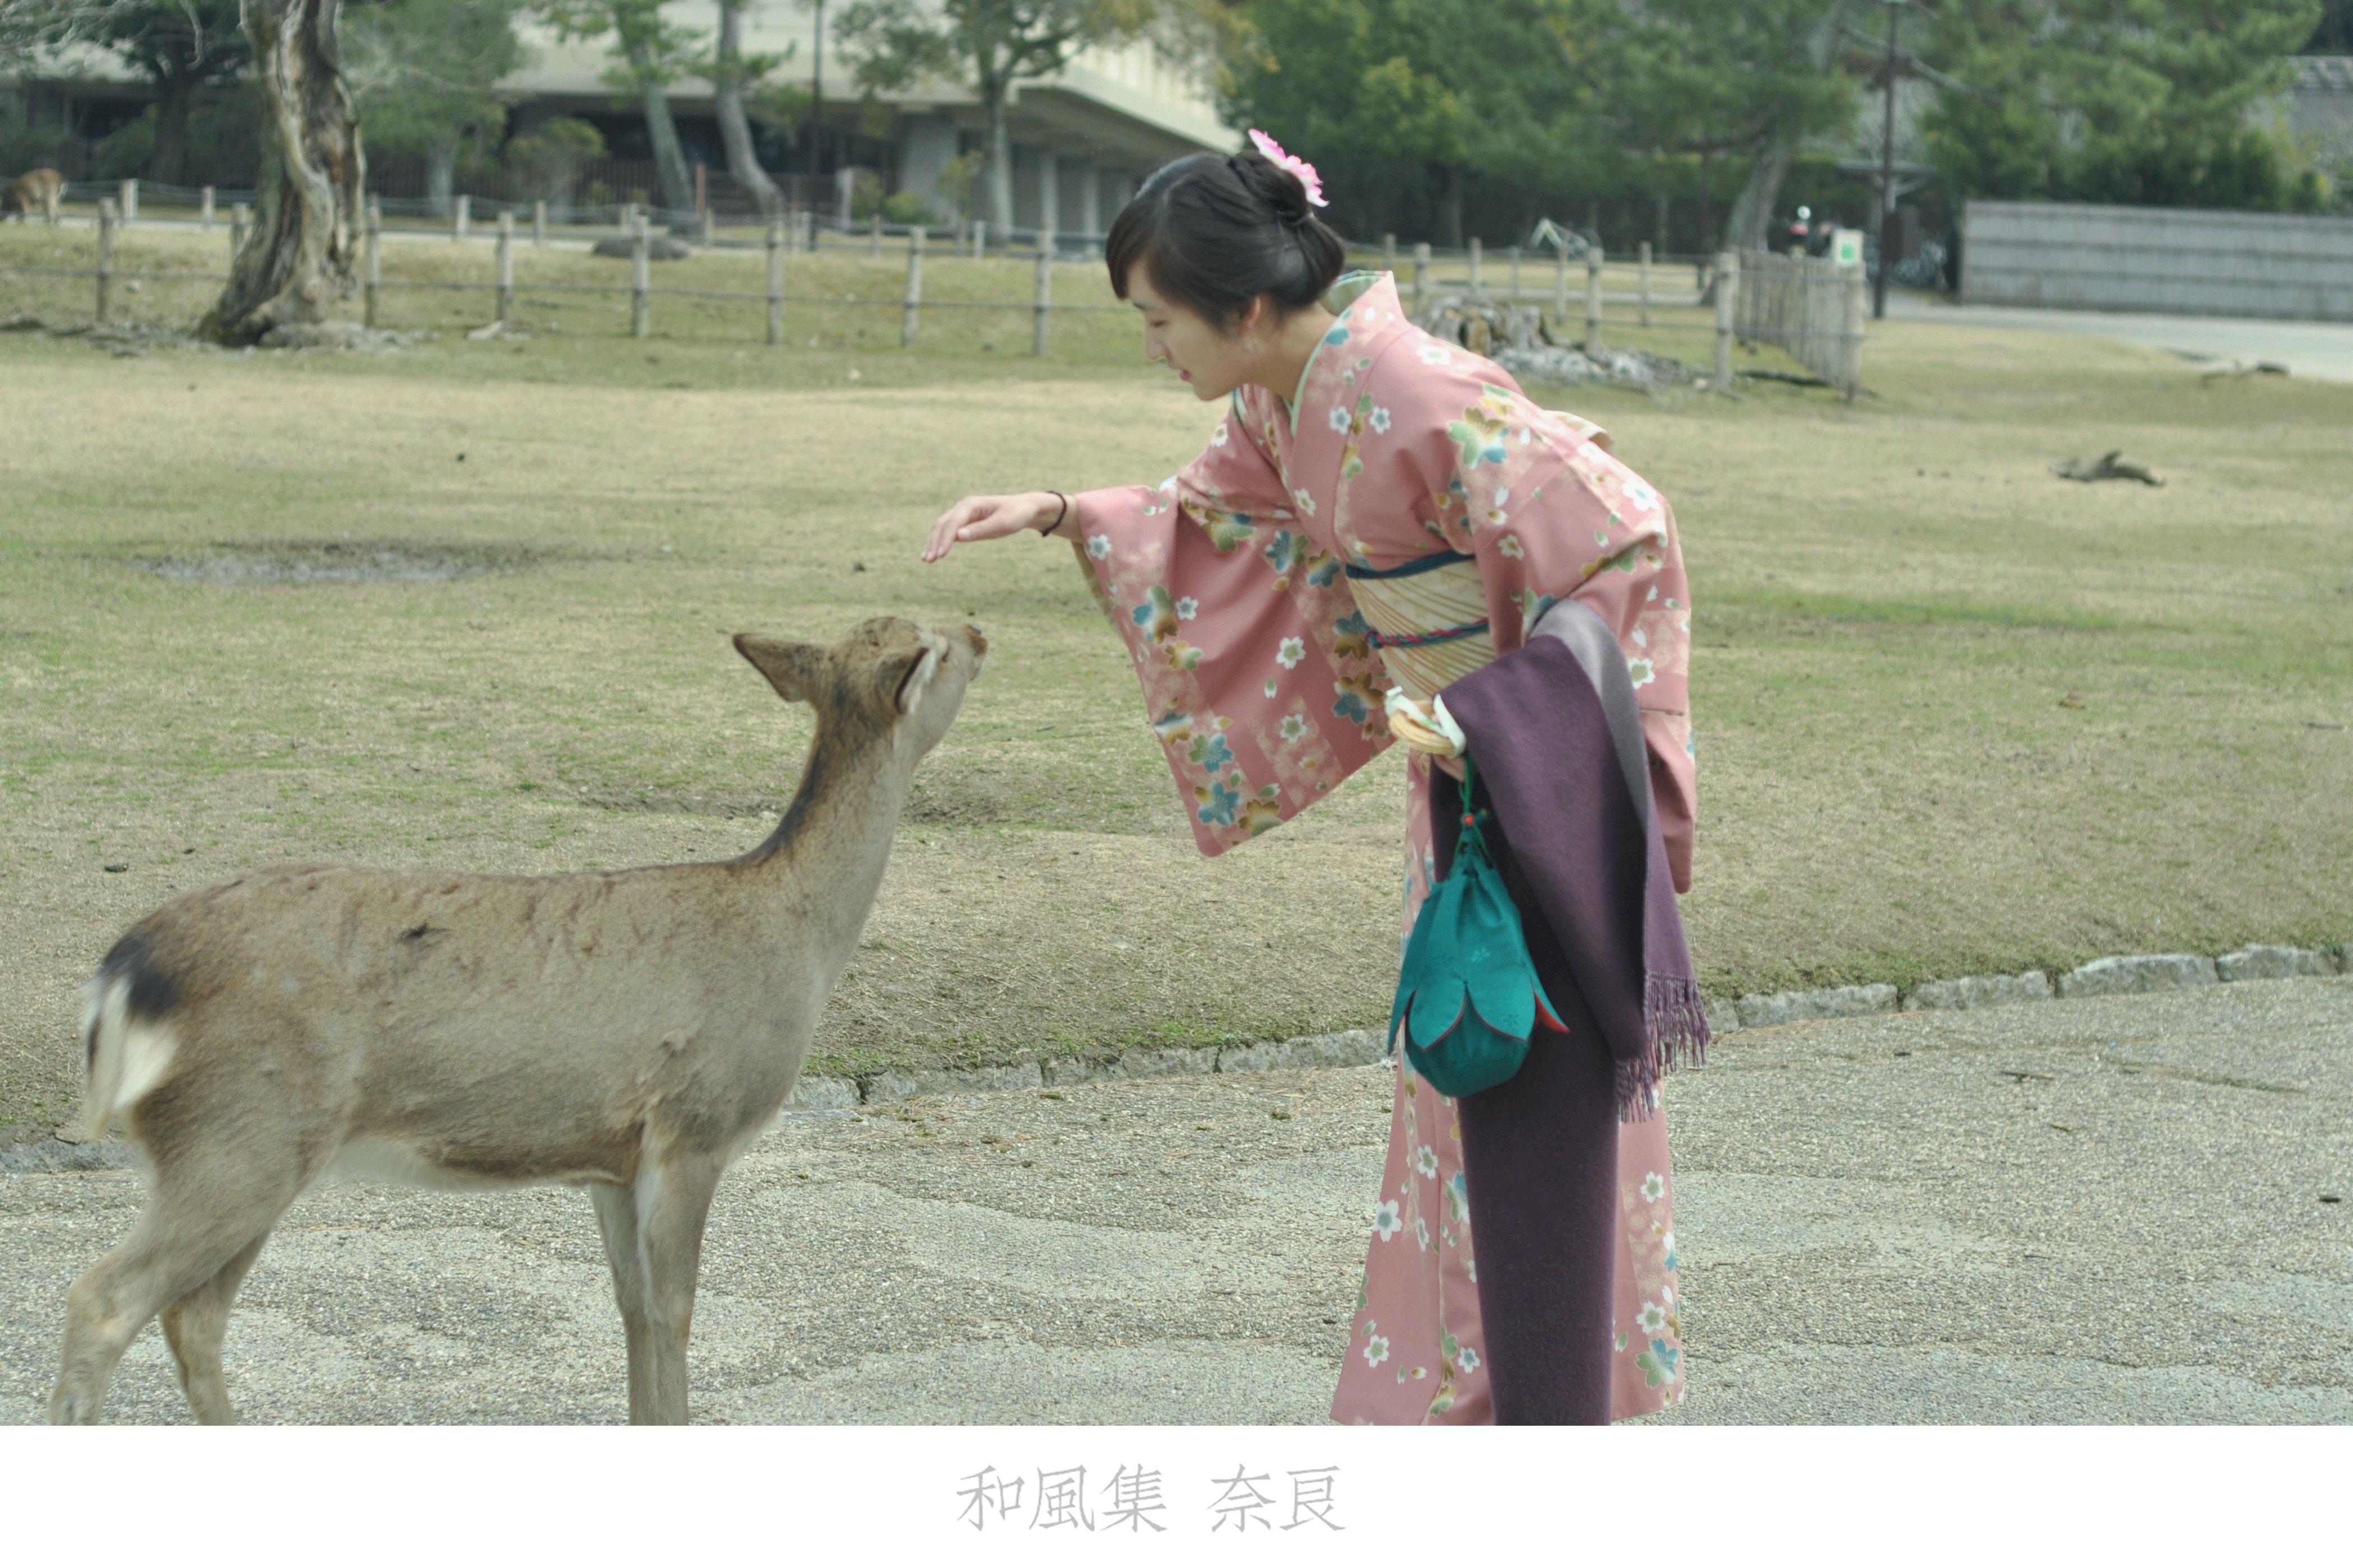 奈良公园虽然作为奈良最主力的景点又是各景点的中枢地带,游人自是不少,但架不住面积大啊,找个没人的角度并不难,最关键的除了红叶还有萌萌会鞠躬的小鹿鹿啊啊啊~~准备樱花季的时候再去看这里的一片粉红~~ 奈良每年还会举办丢掷鹿仙贝大会(看谁丢得远)、唤鹿聚集大会(吹奏贝多芬第 6 号交响曲召集鹿群)、以及切鹿角祭典(这个是从江户时代开始的传统祭奠,主要是出于安全考虑,鹿角虽然没有神经不会痛,但也是需要神职人员来制服的,据说场面激昂)~~ 另外,奈良公园还有大面积的草地,随